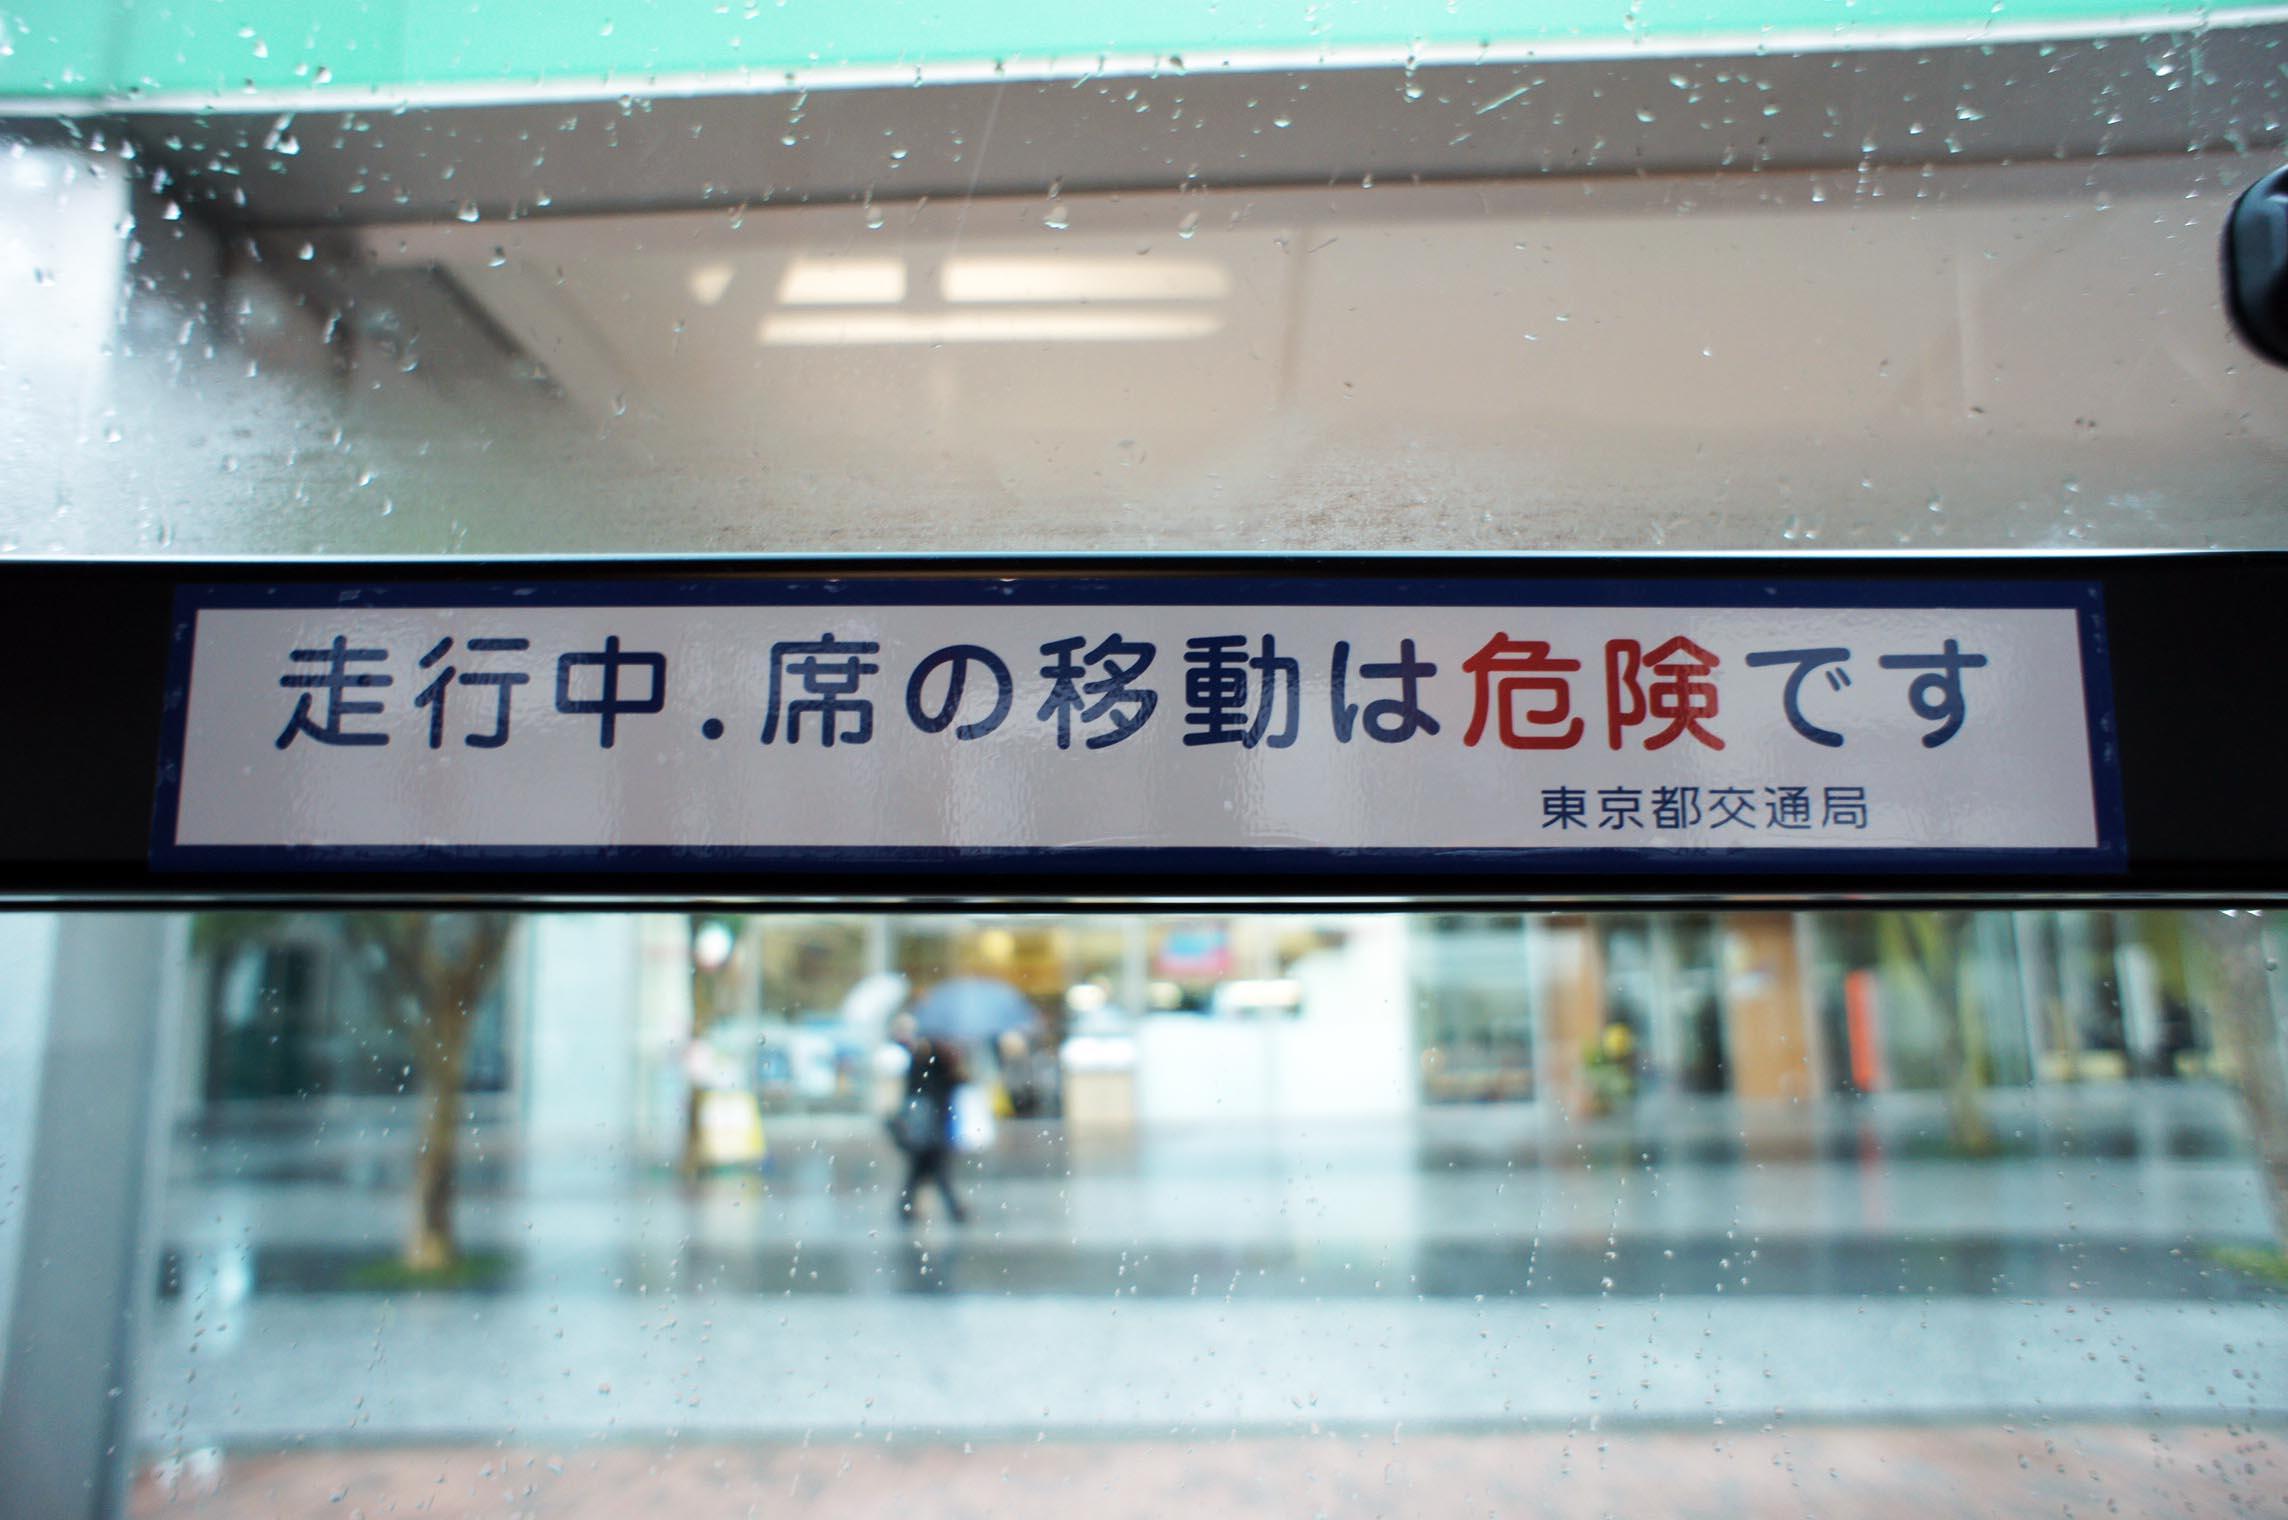 日本は丸ゴシック体の宝庫(3)・バス編_e0175918_1105732.jpg